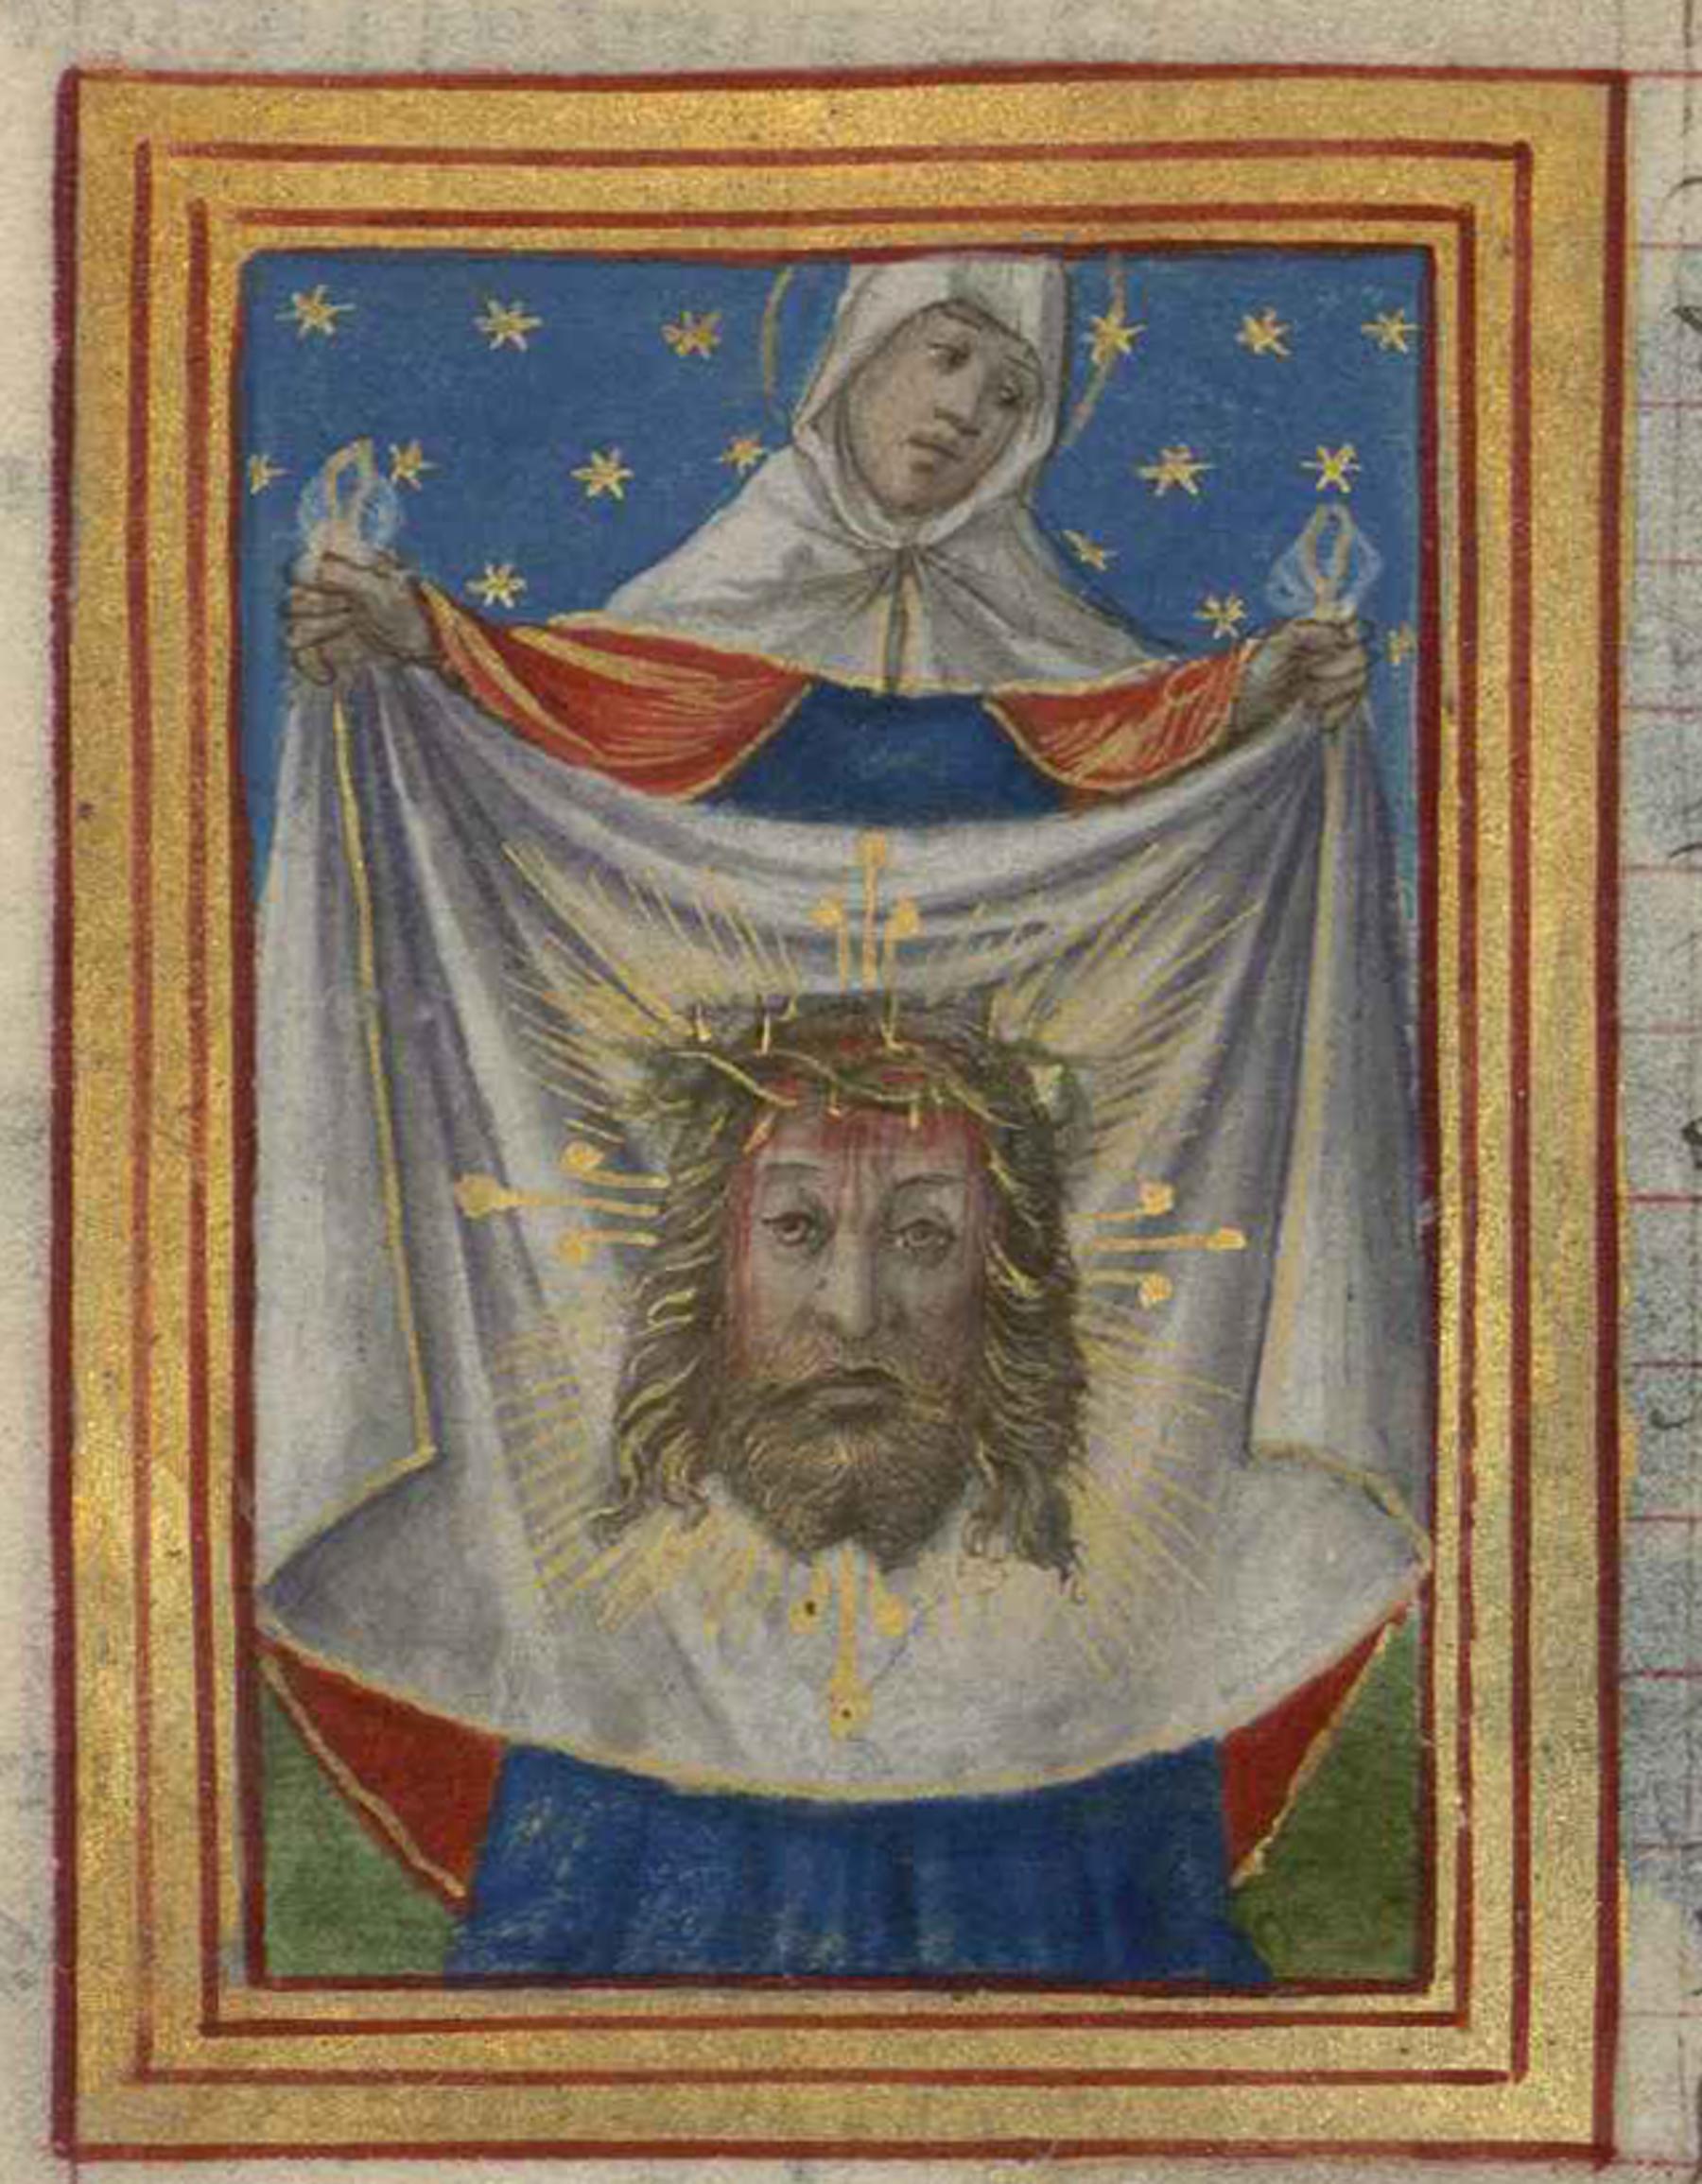 Contenu du Sainte Véronique